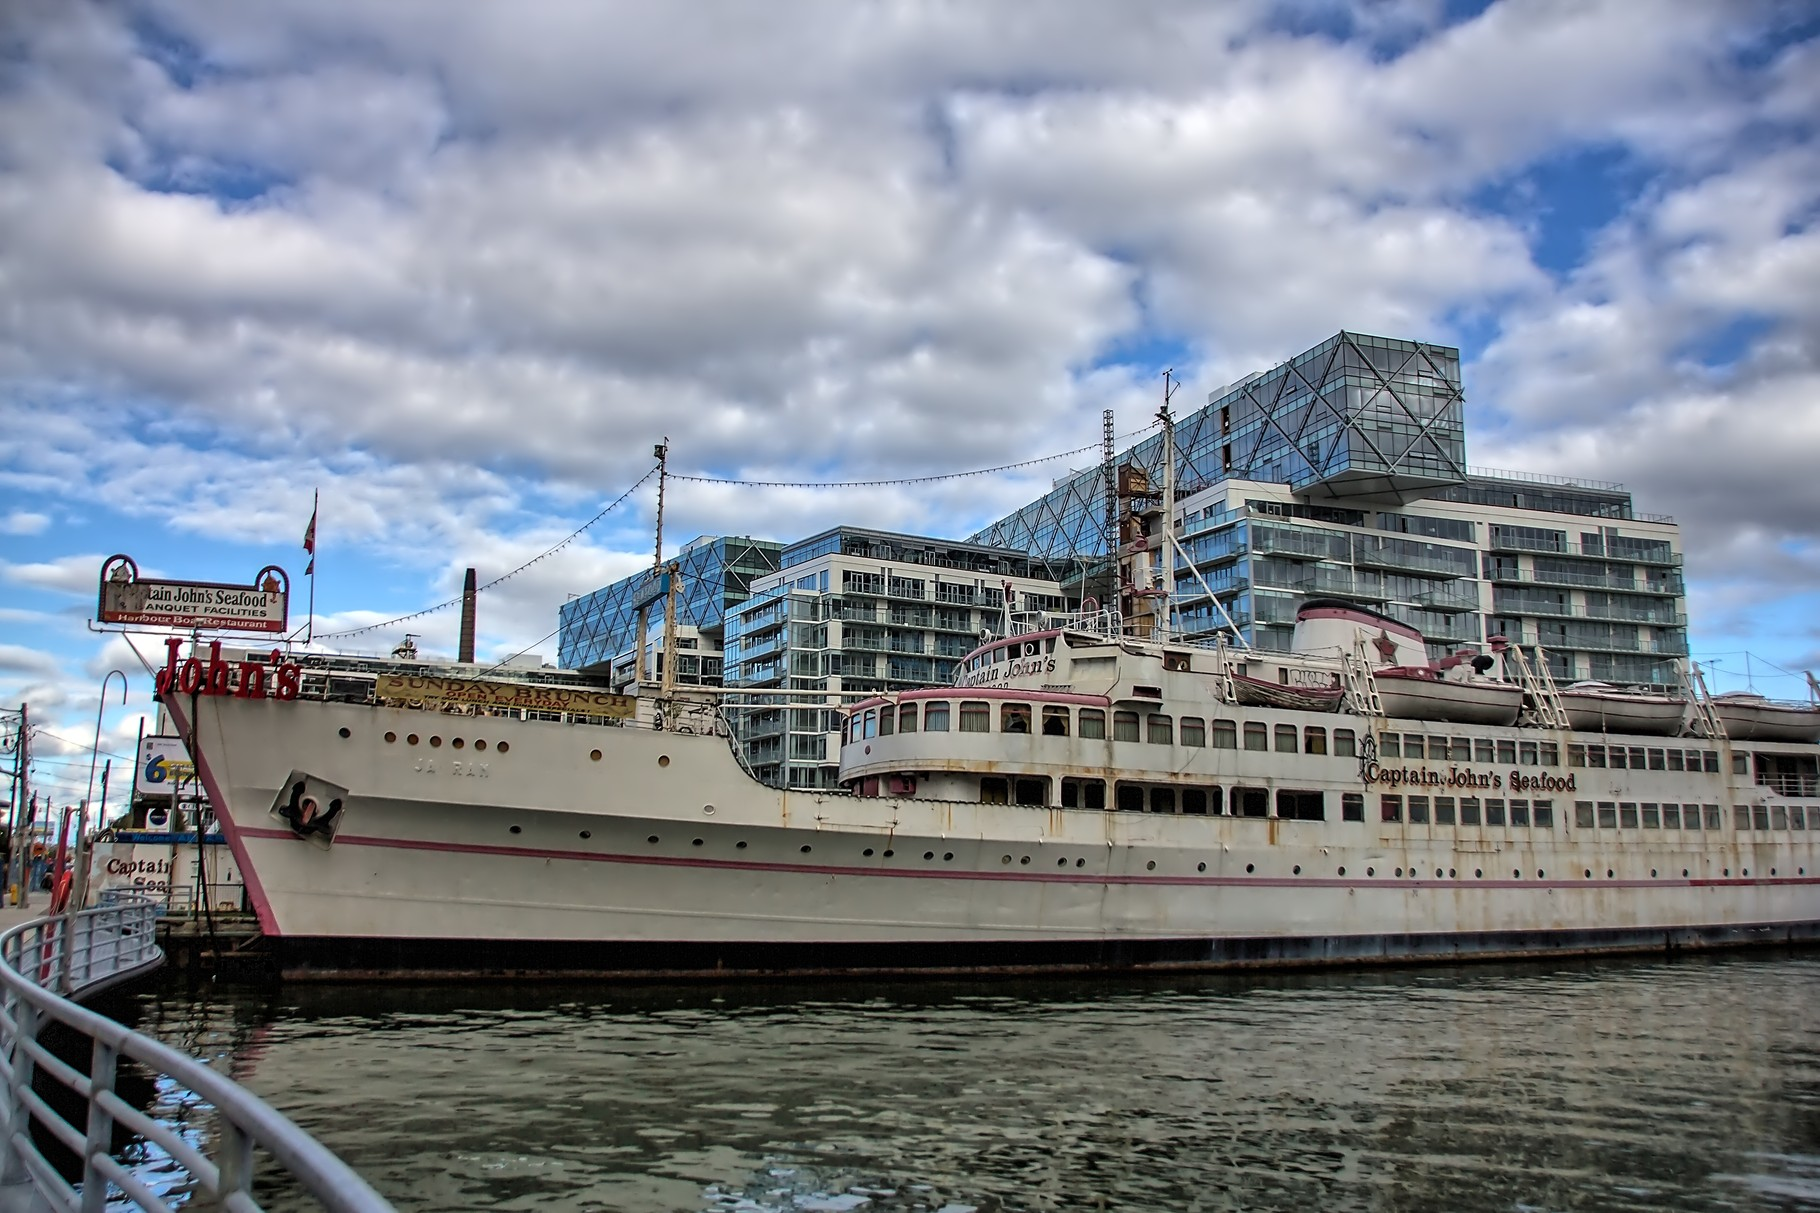 18_Im Hafen von Toronto_HDR.